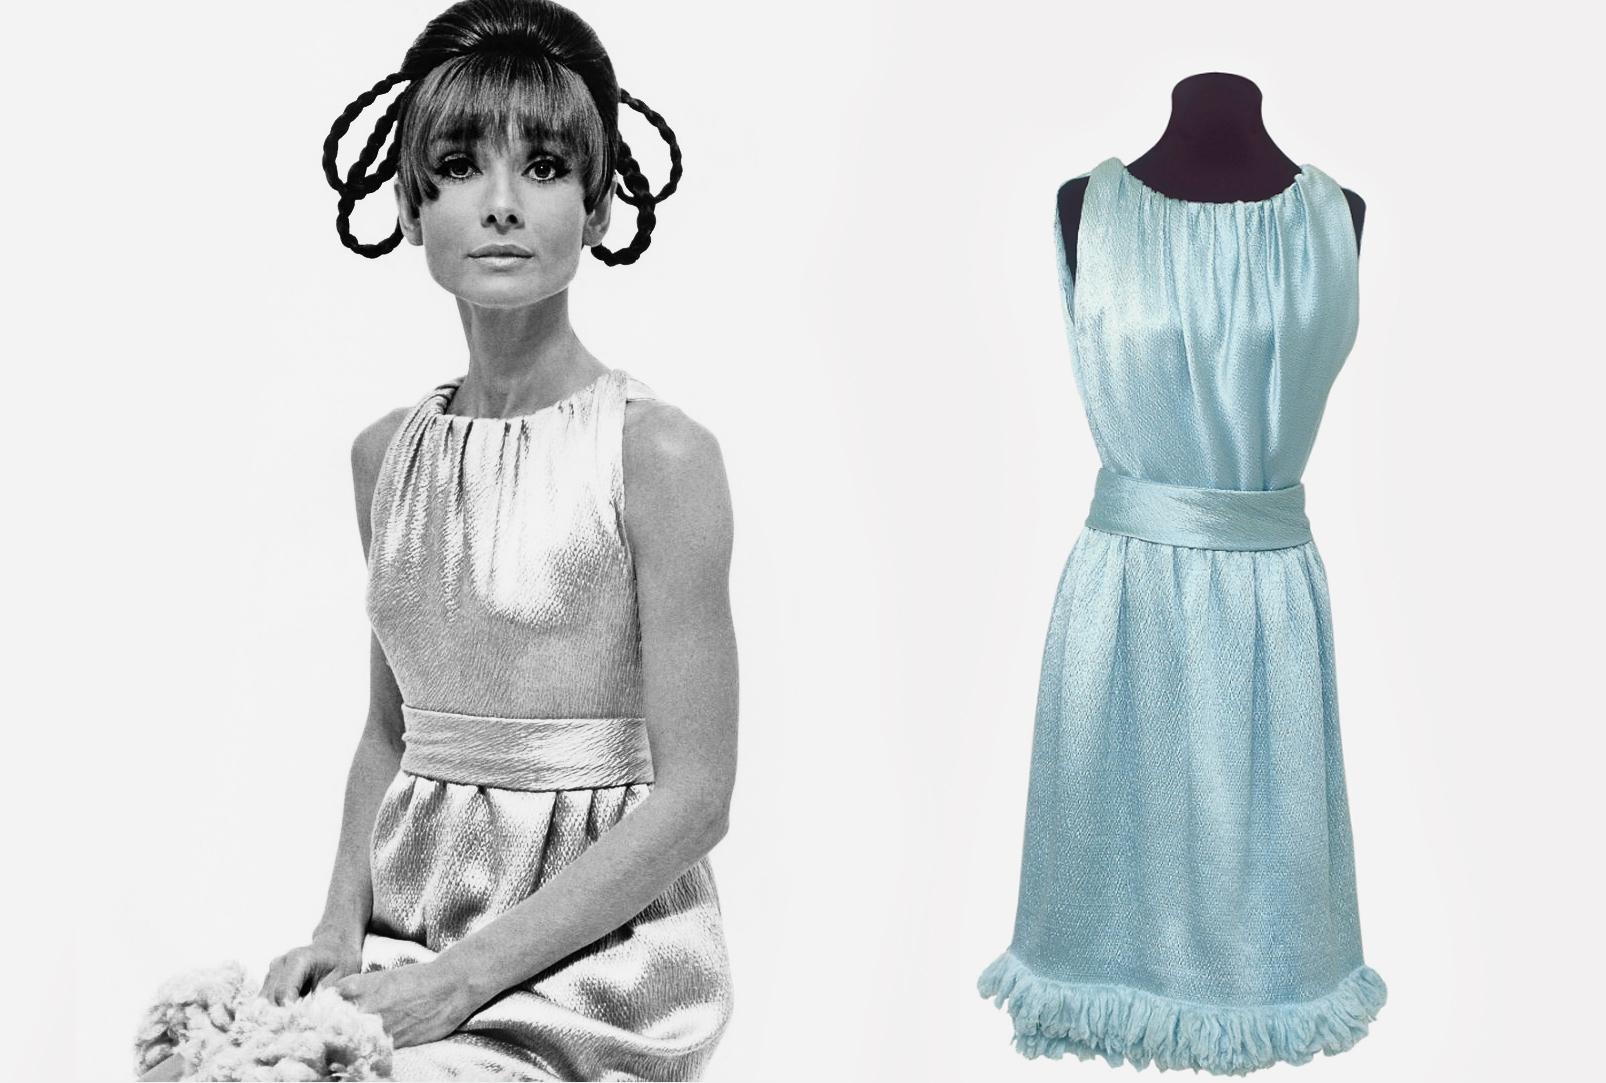 Голубое коктейльное платье из атласа / дизайнер Юбер де Живанши